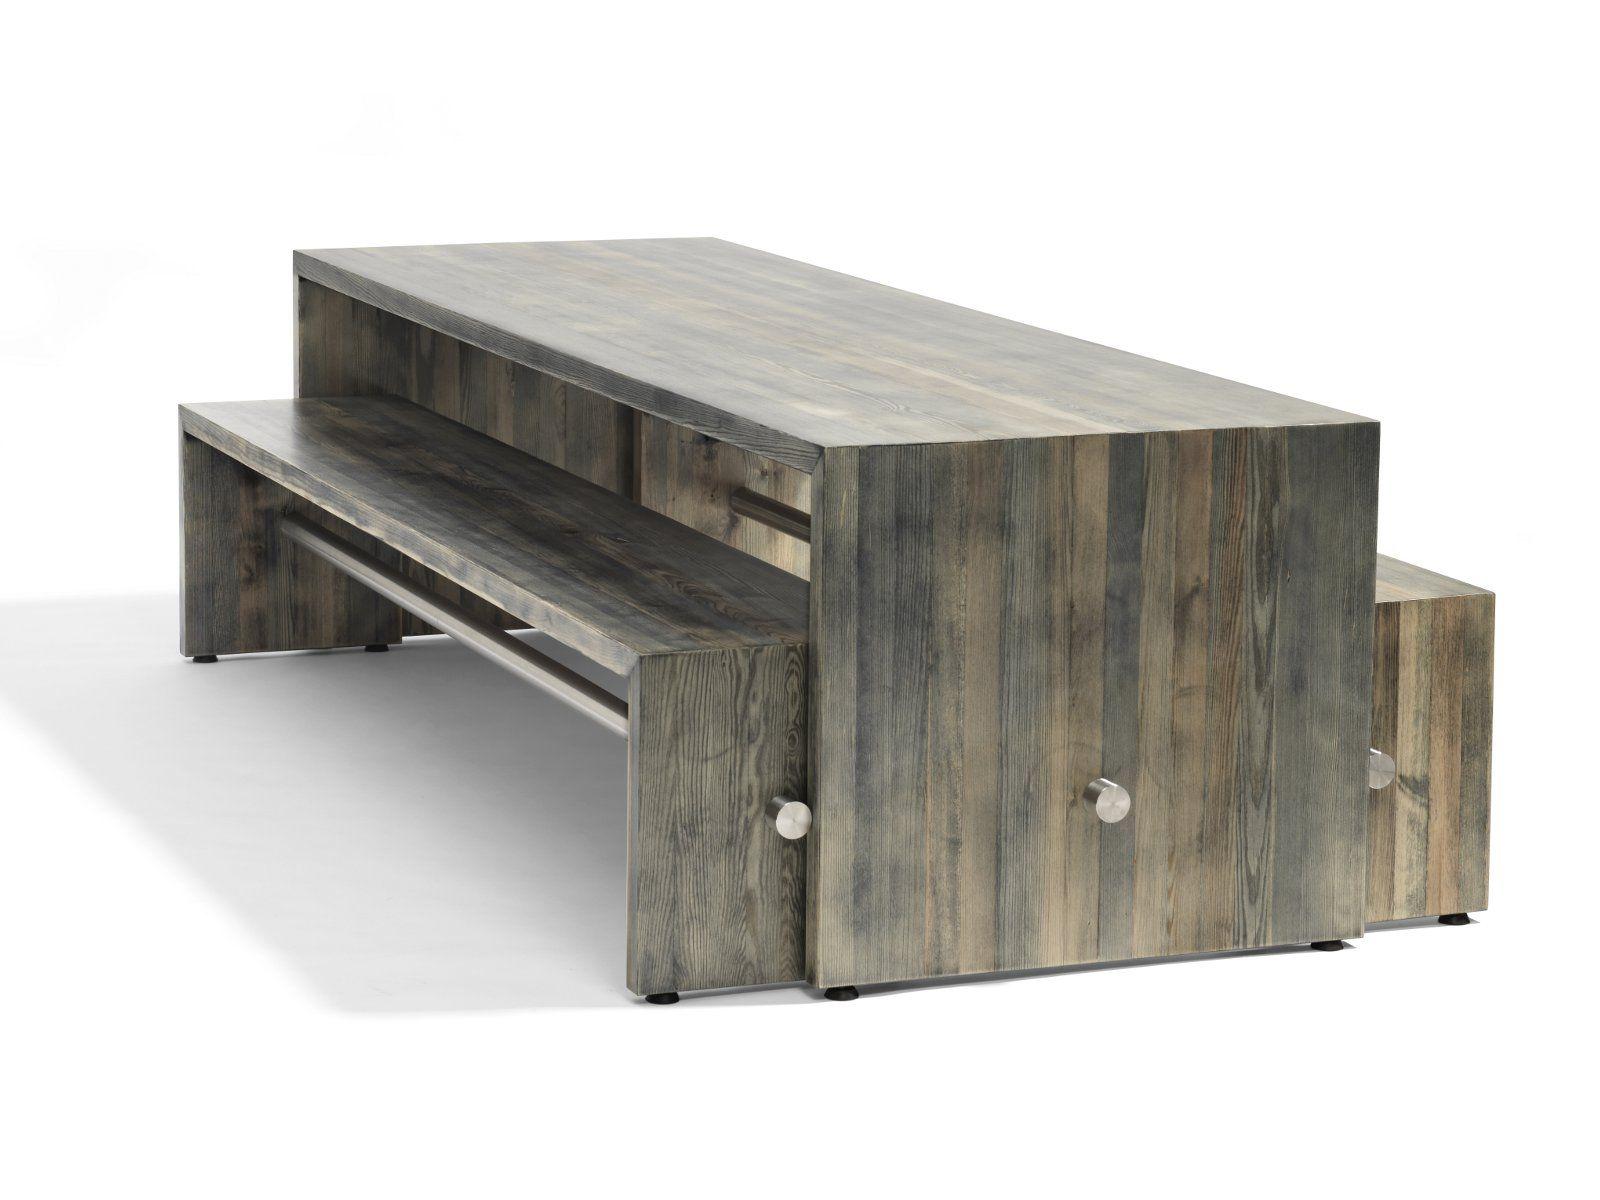 Ping pong tavolo by bl station design johan lindau - Fabrication d un banc de jardin en bois ...